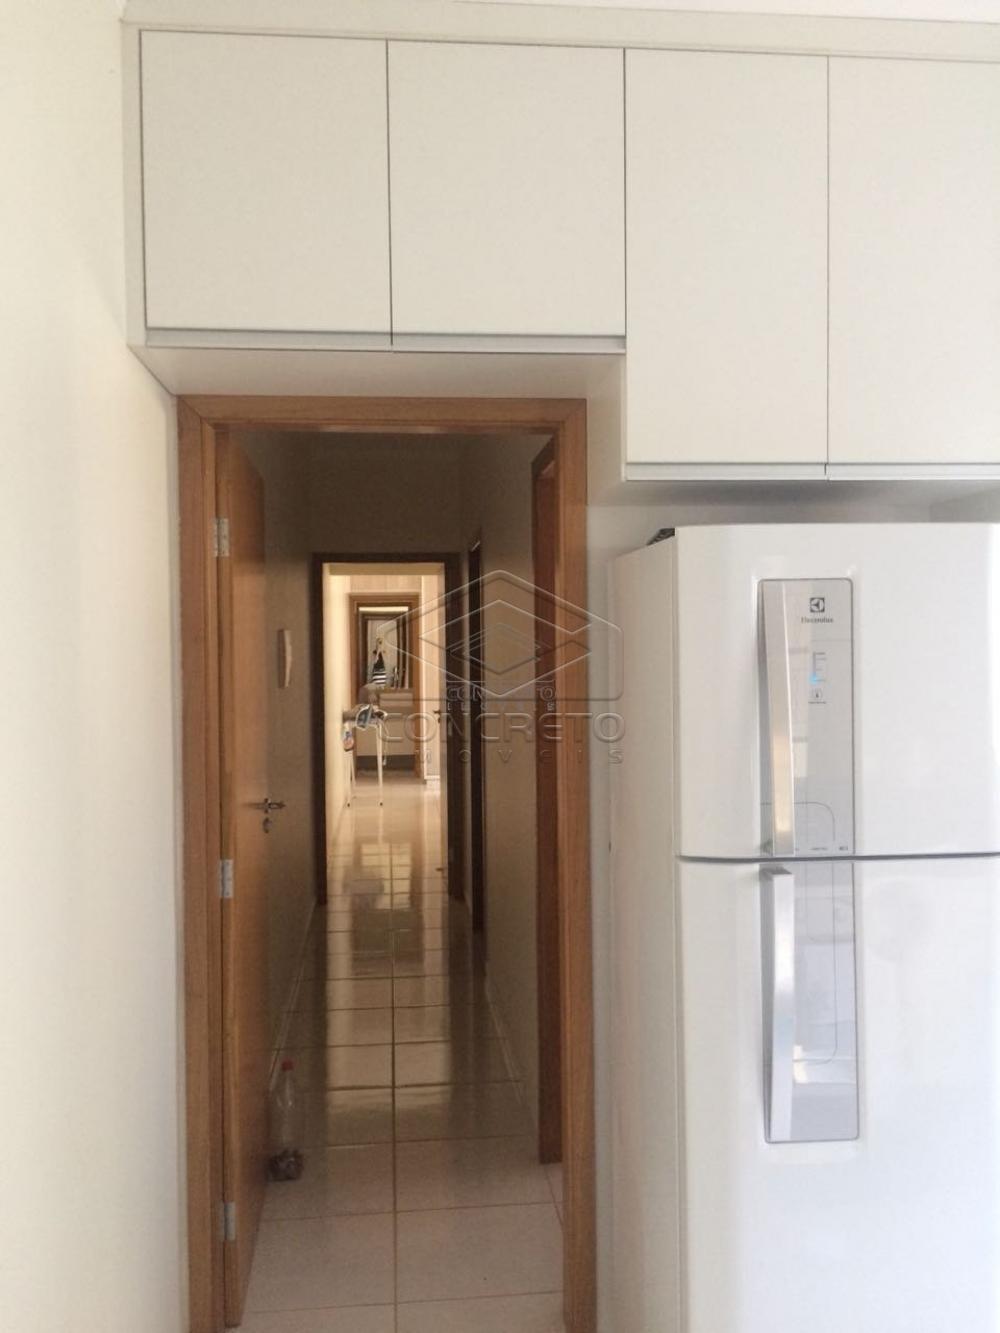 Alugar Casa / Padrão em Bauru apenas R$ 951,00 - Foto 2